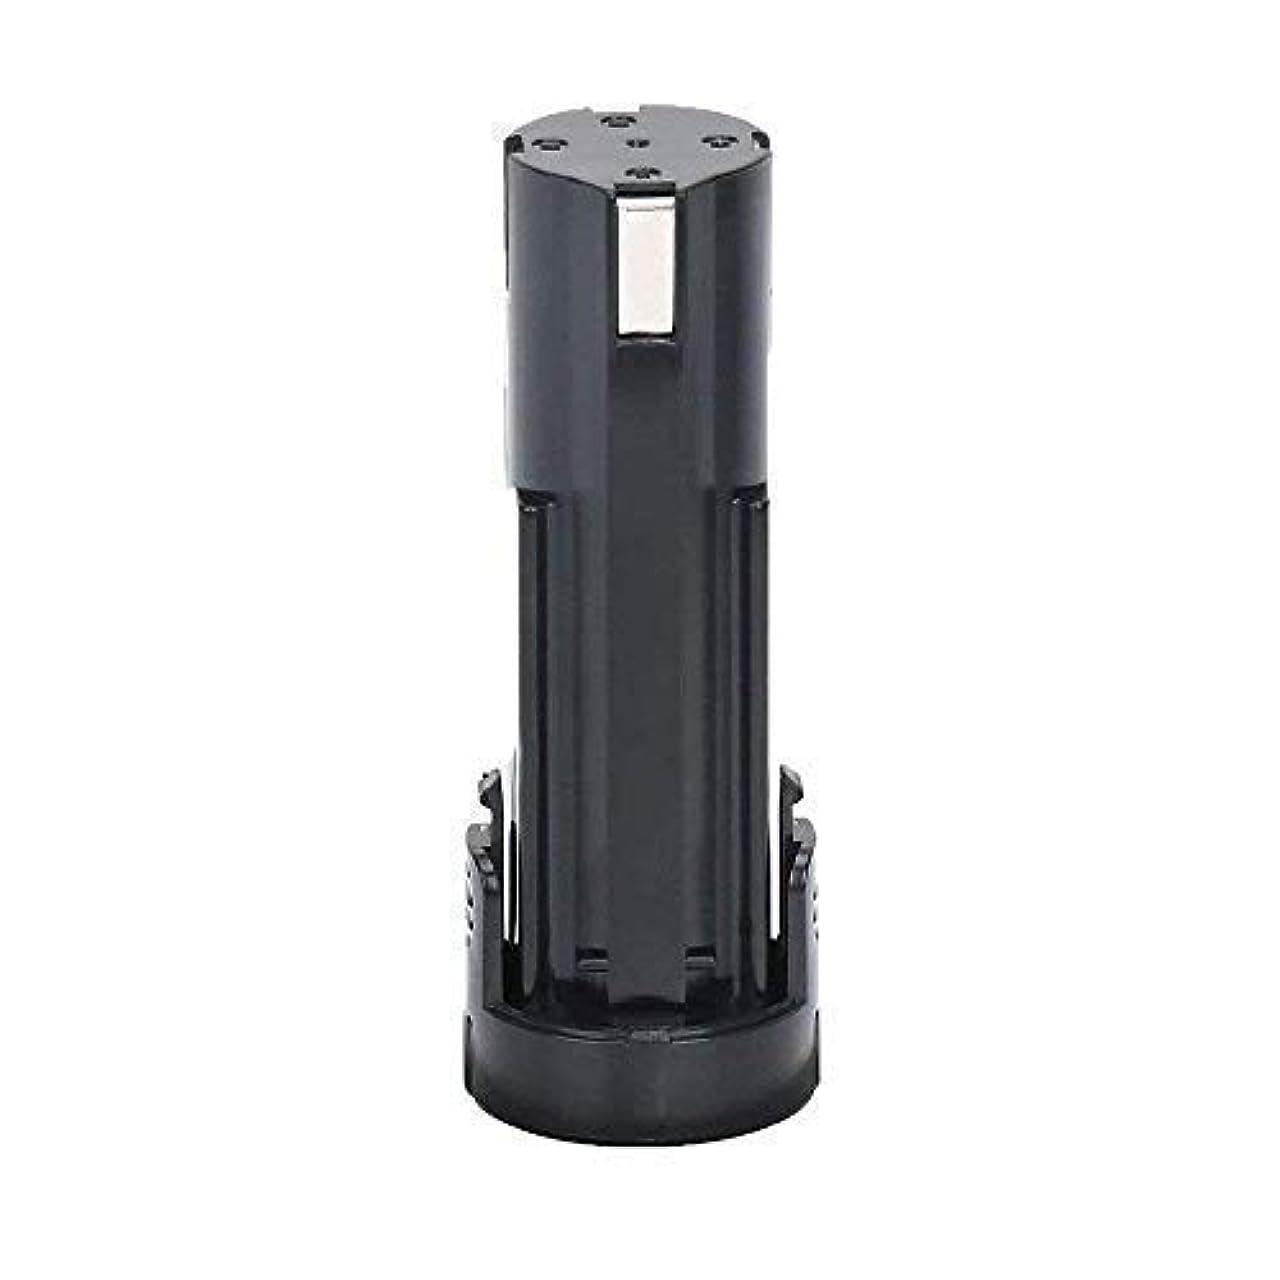 アミューズメント効能ある今まで【POWERAXIS】【日本国内出荷】パナソニック Panasonic EZ9021 EZ6220 2.4V 増量 互換 バッテリー 3000mAh ニッケル水素 Ni-MH 電池 EY903 EY9021 EY9021B EY903B 対応 バッテリー 四端子版